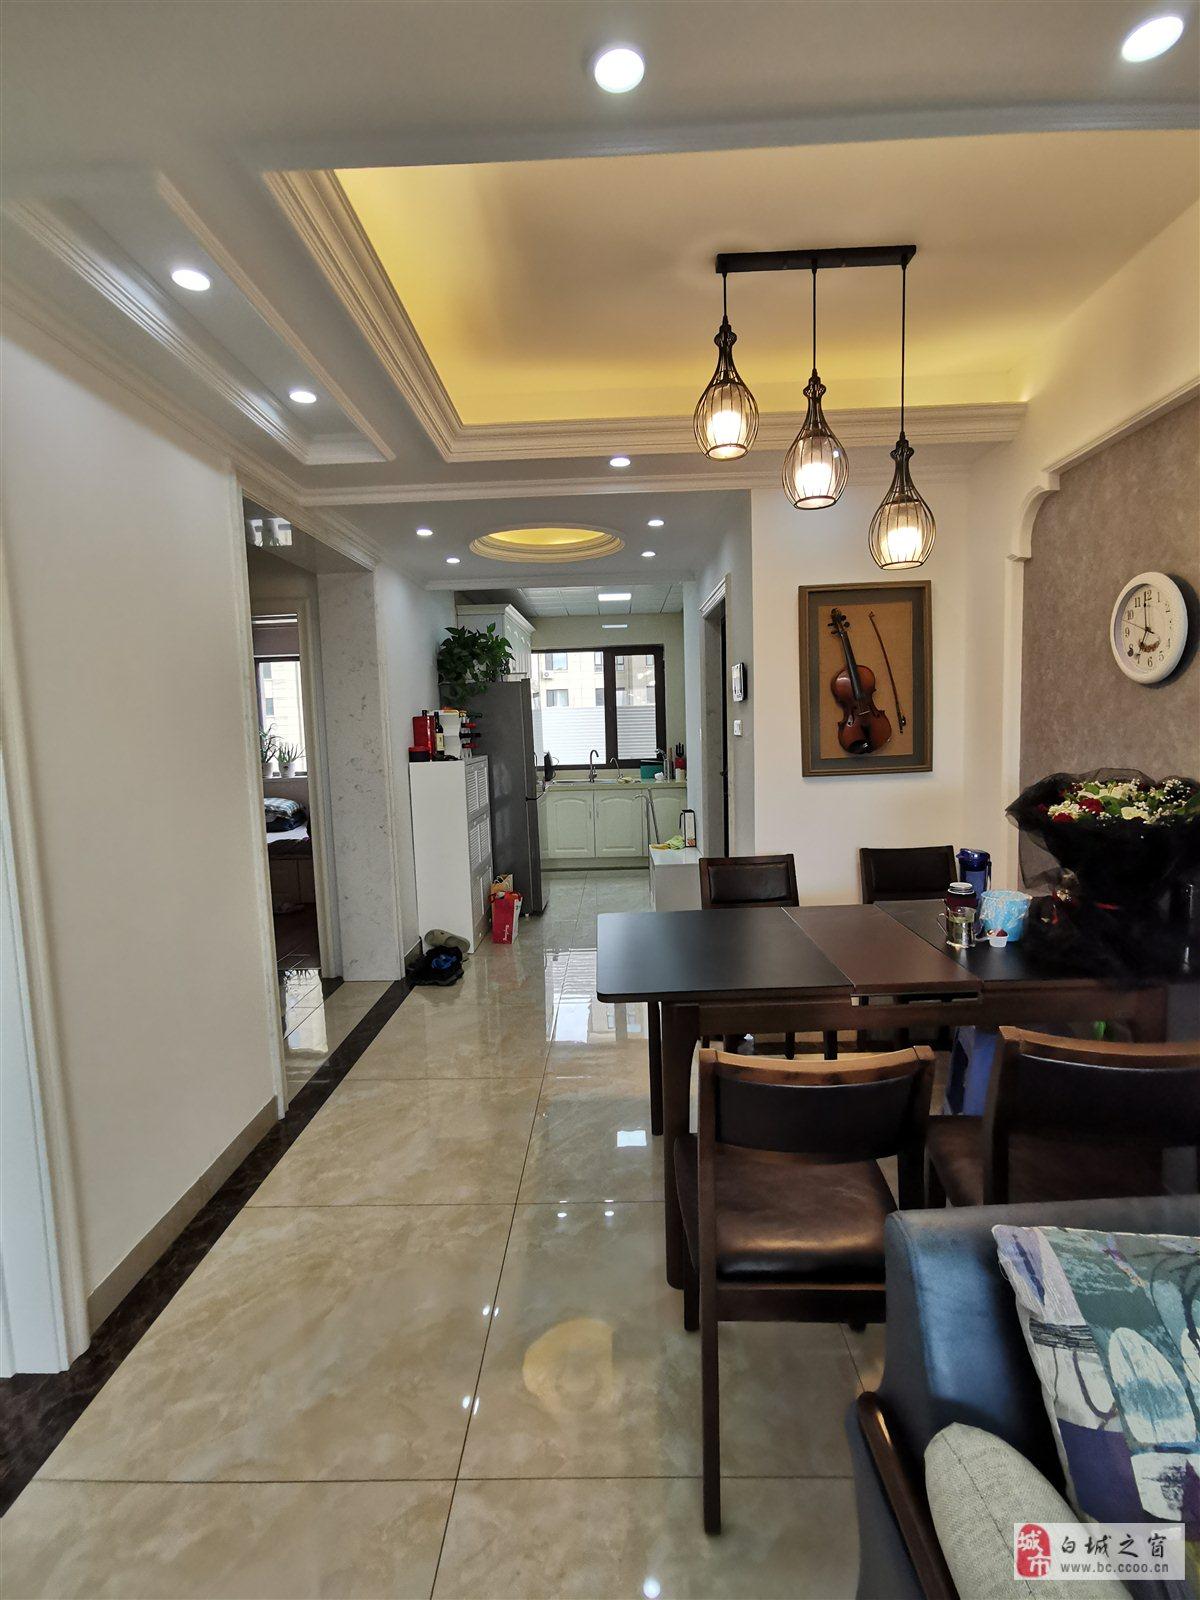 出售现代一品精装房屋2室1厅1卫(地下车位)78万元